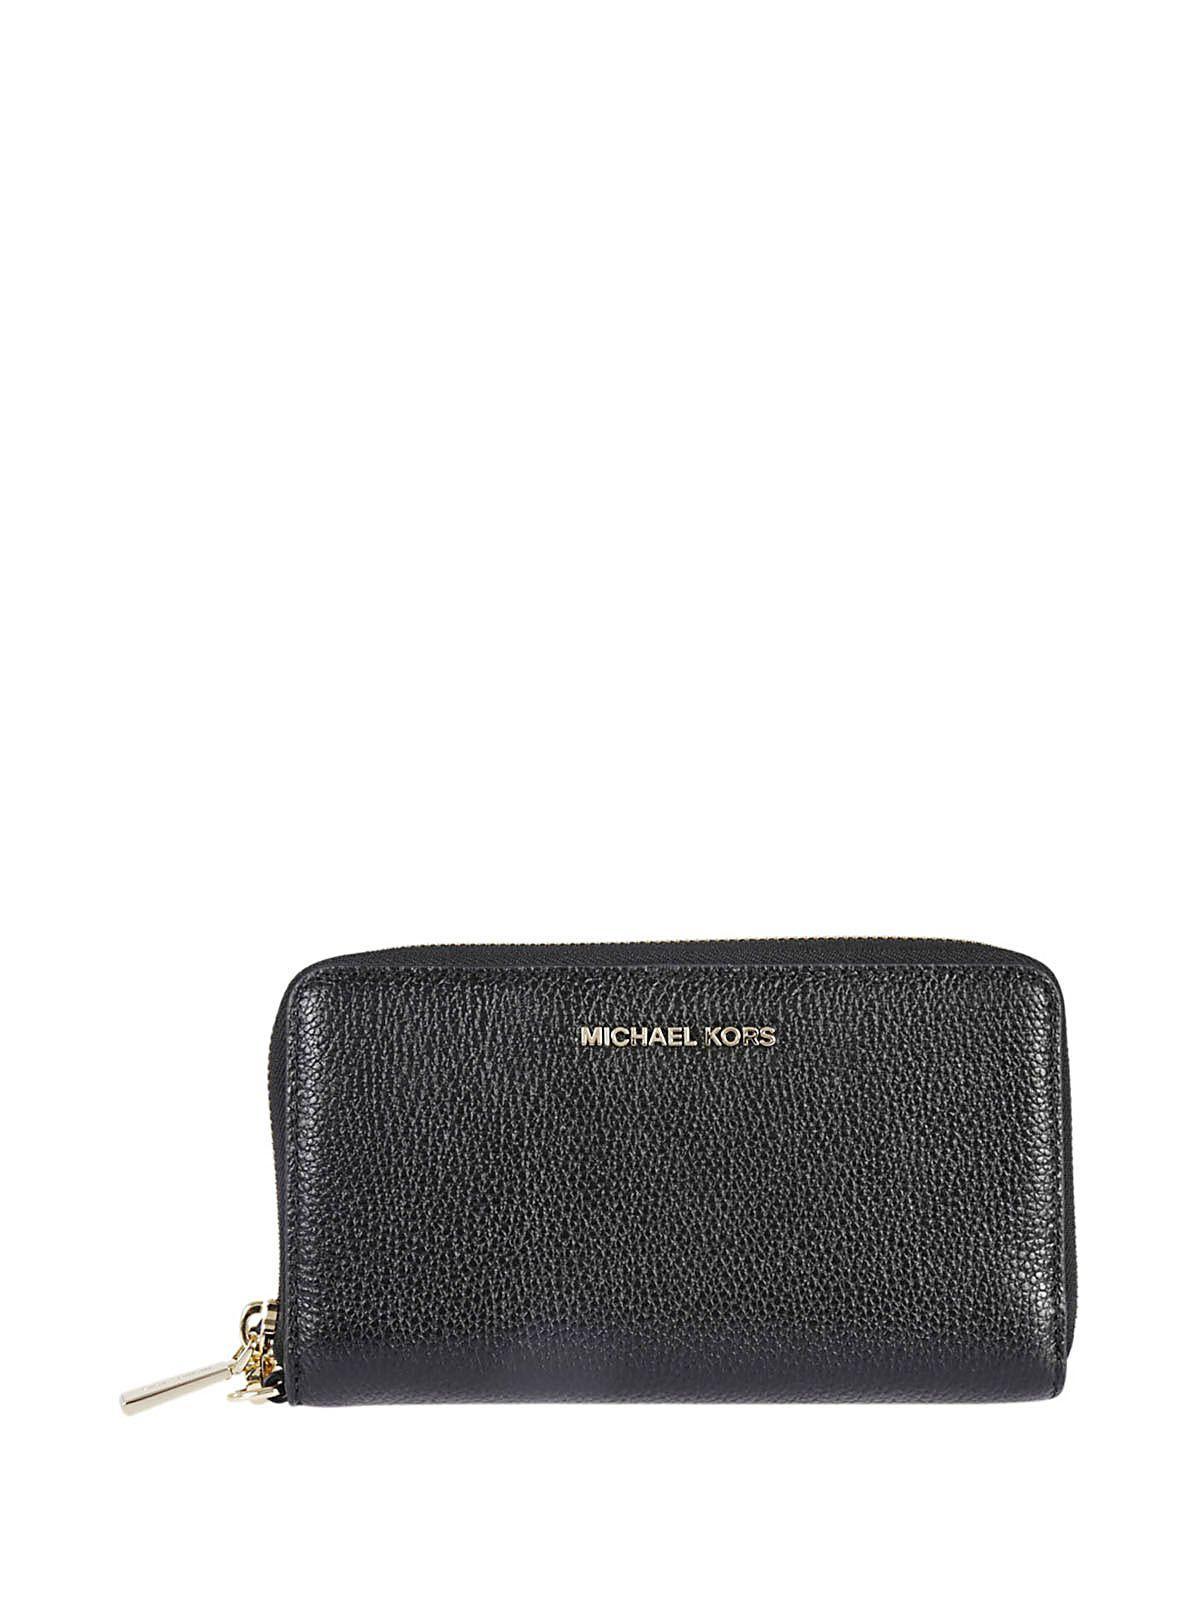 Michael Kors Mercer Smartphone Zip Around Wallet In Nero-oro